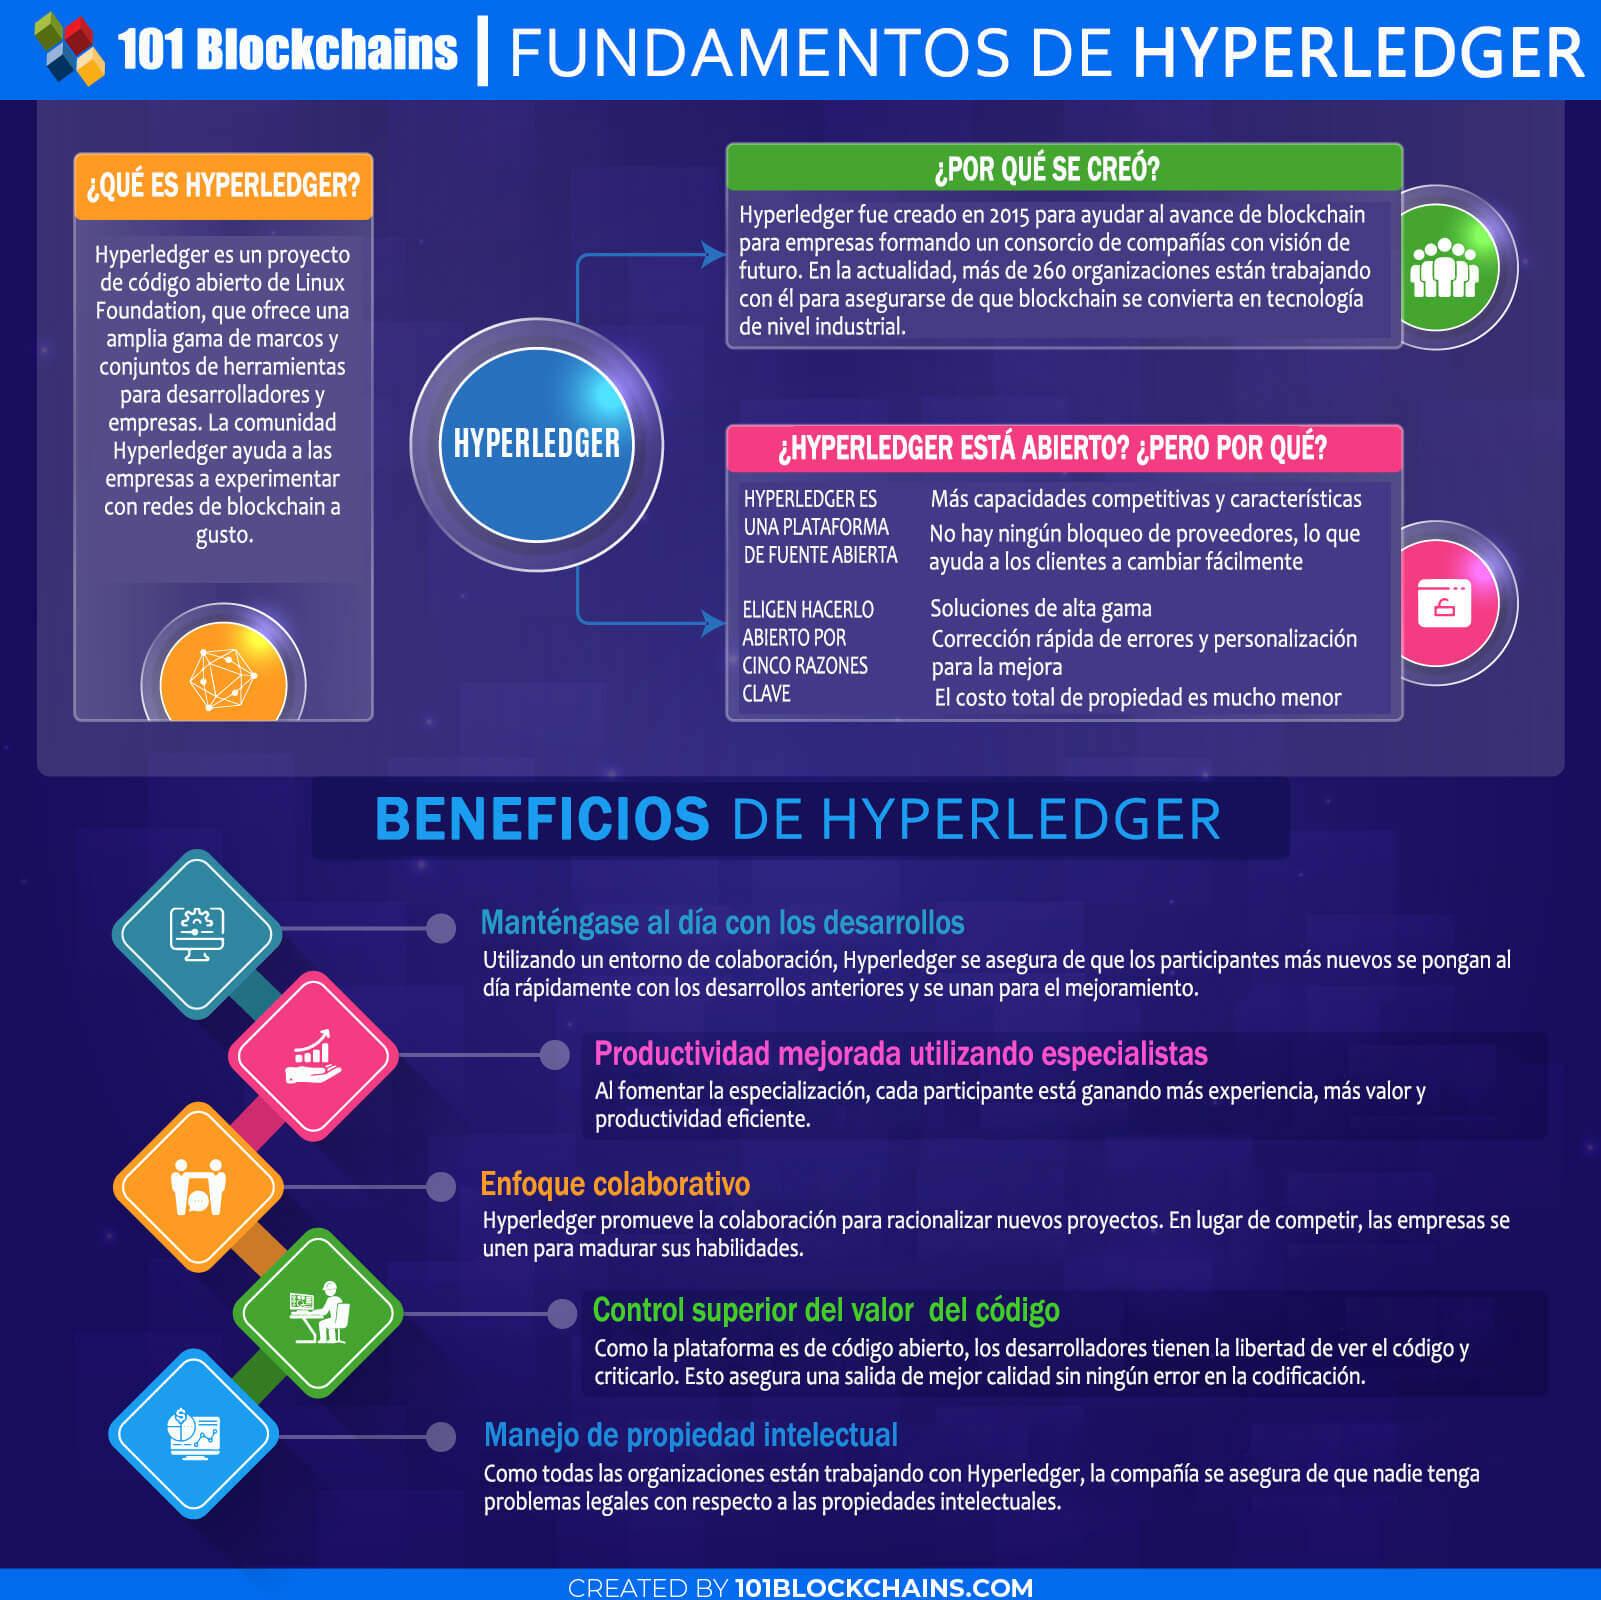 FUNDAMENTOS DE HYPERLEDGER